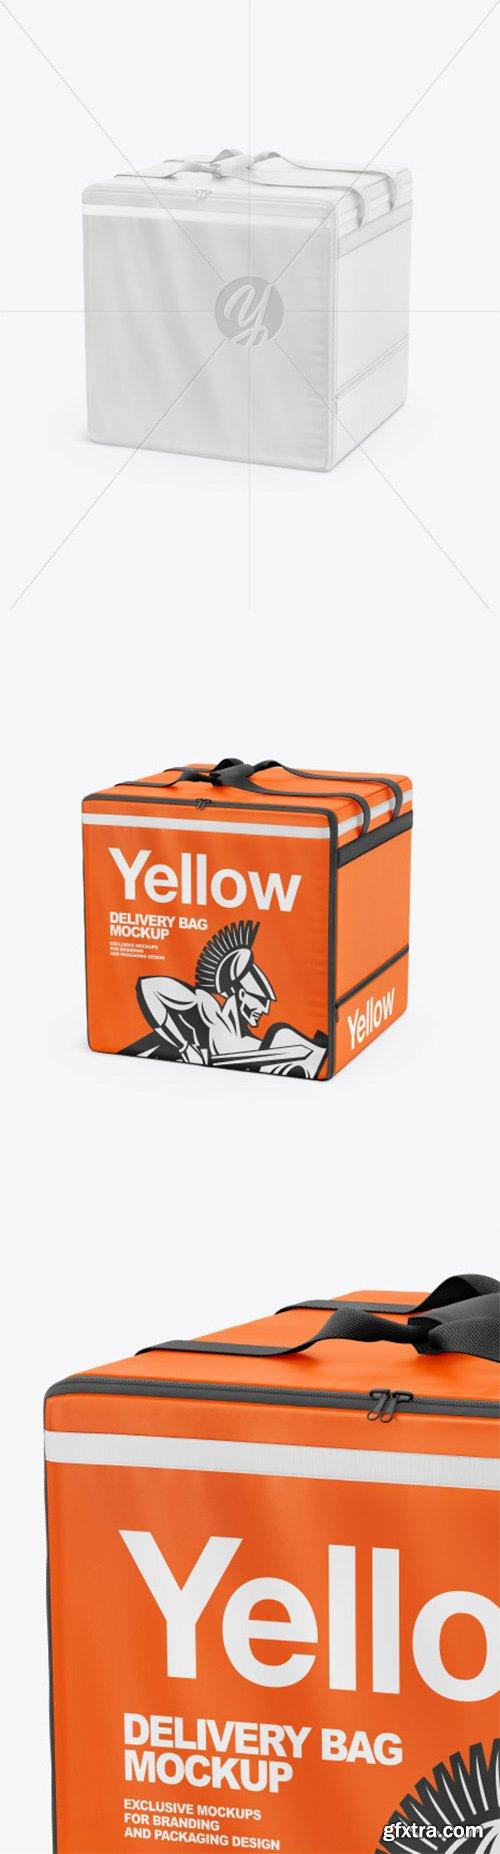 Vinyl Delivery Bag Mockup 65692